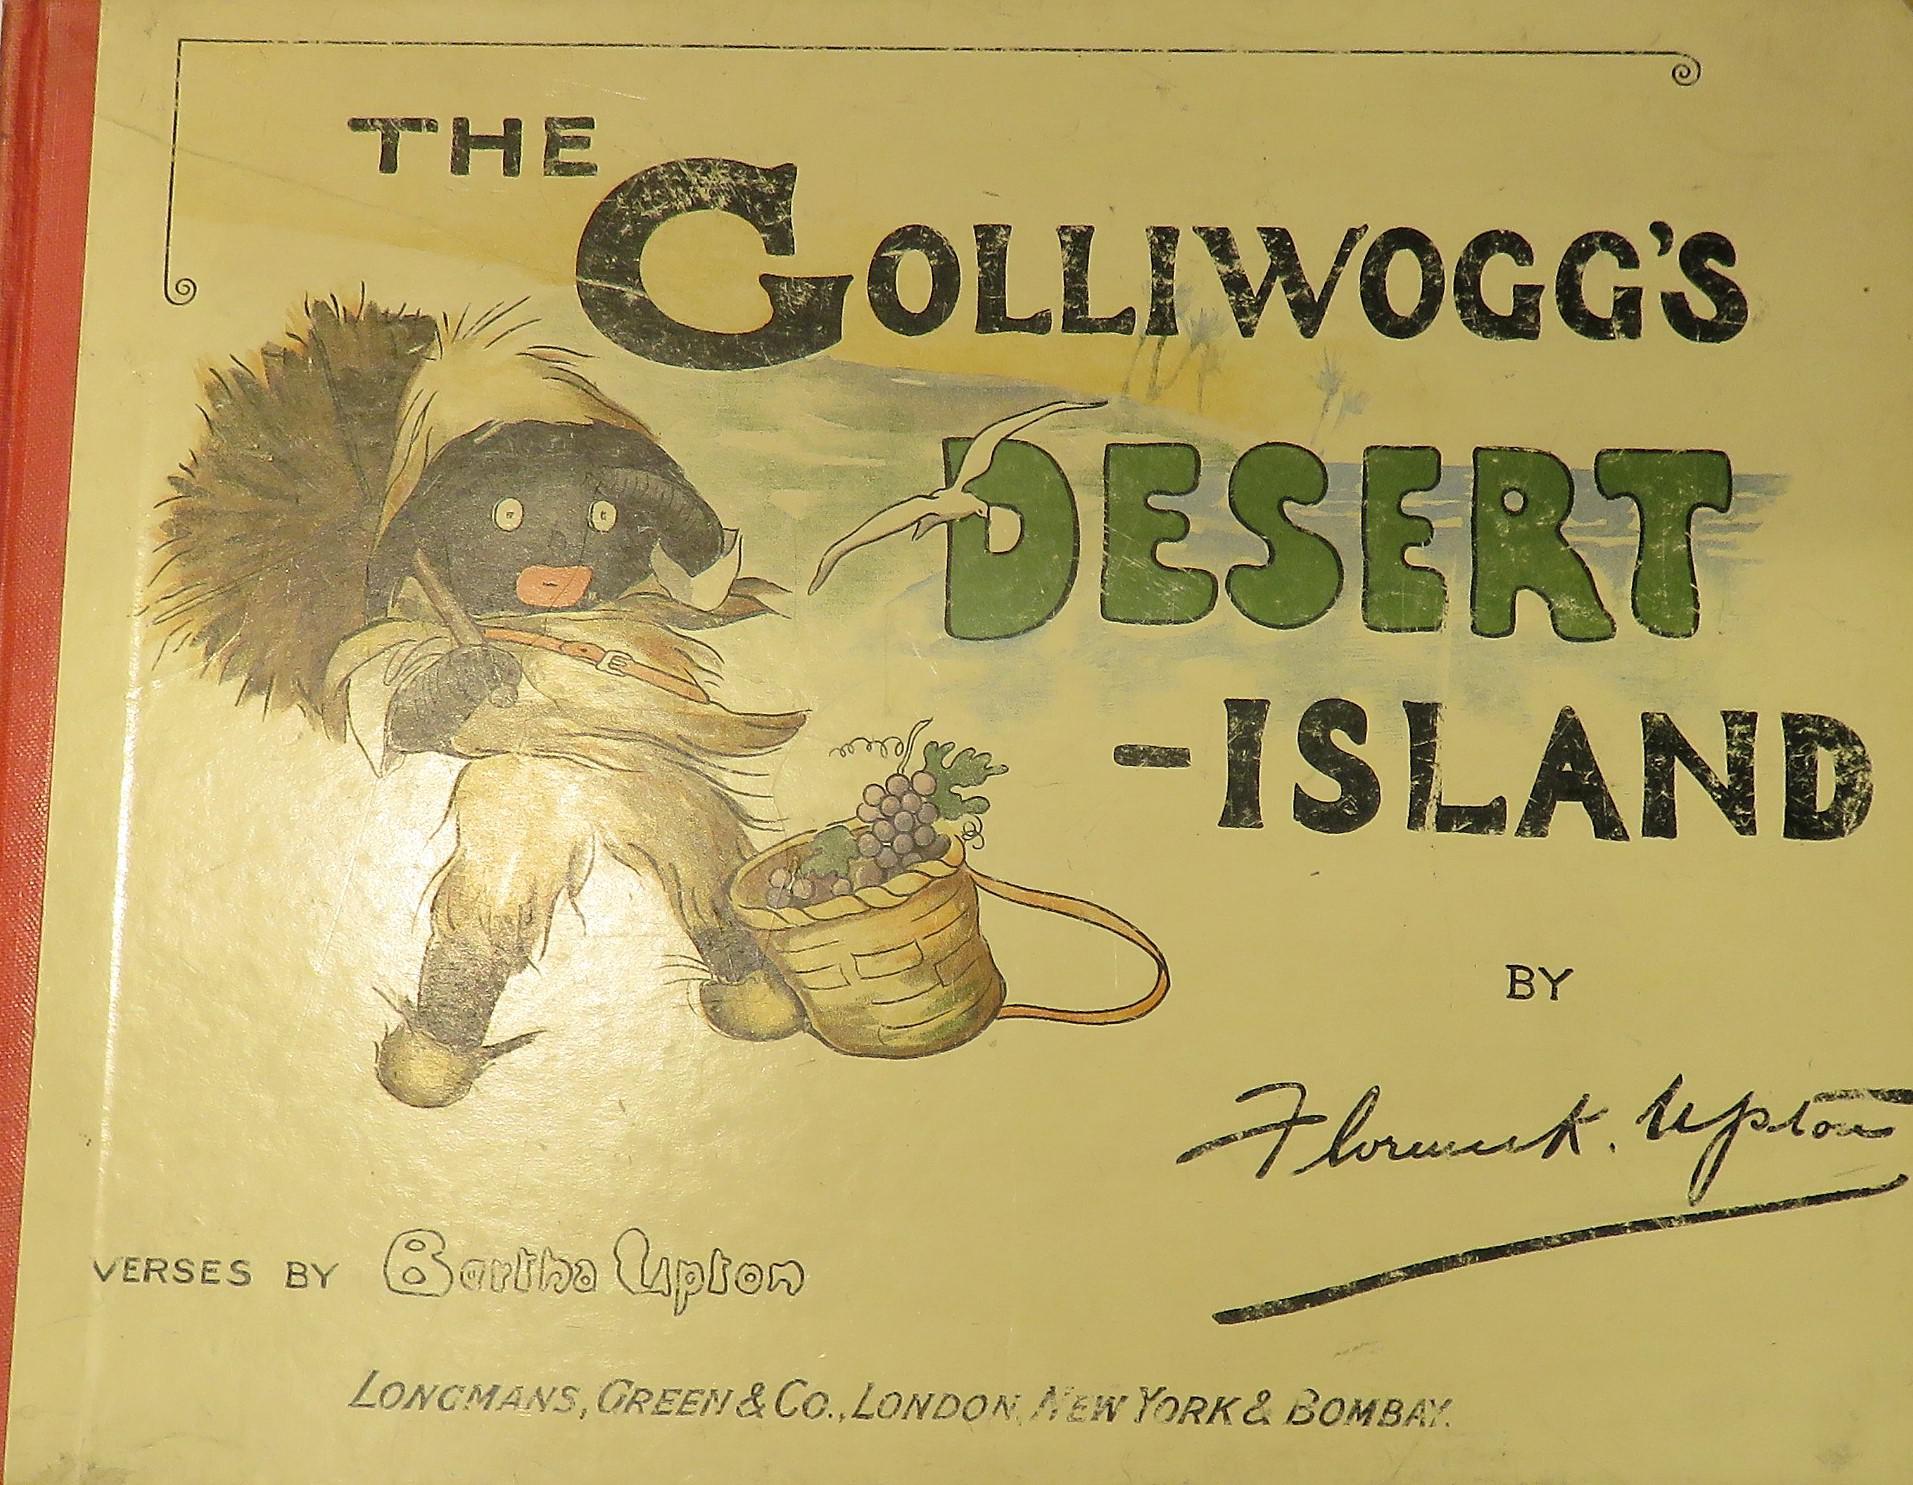 The Golliwogg's Desert-Island